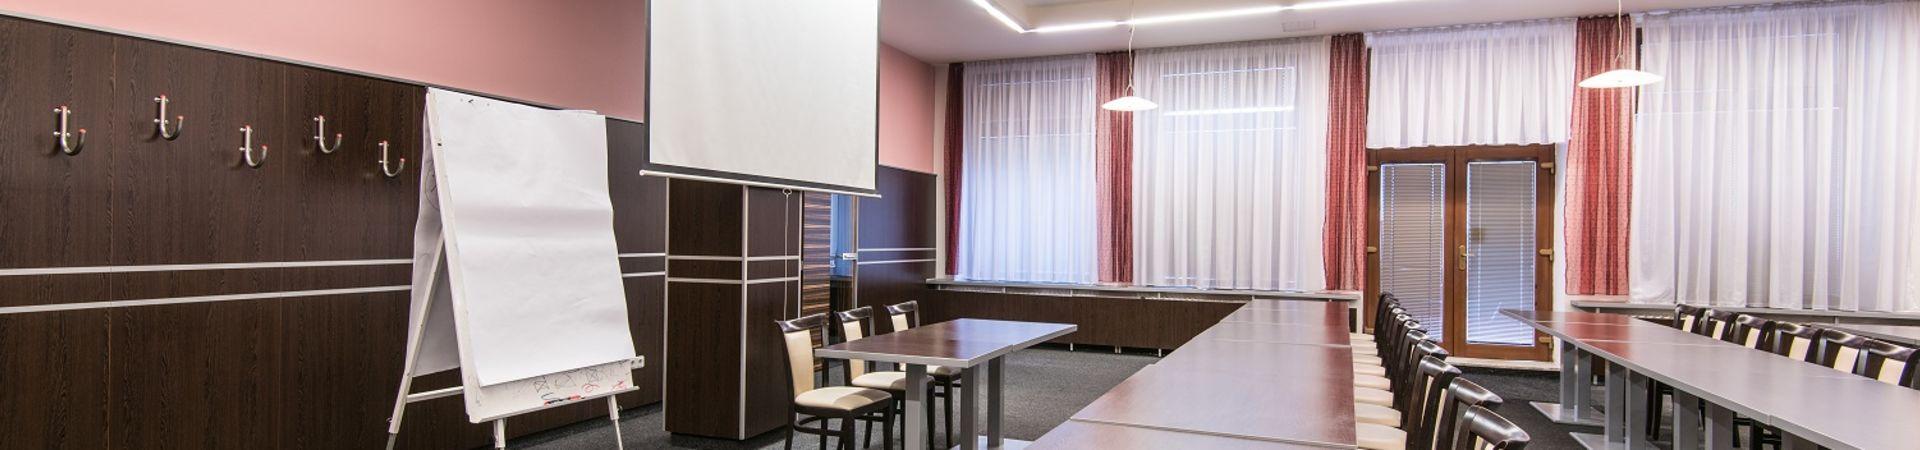 Hotel Grand Uherské Hradiště - Konferenční sál